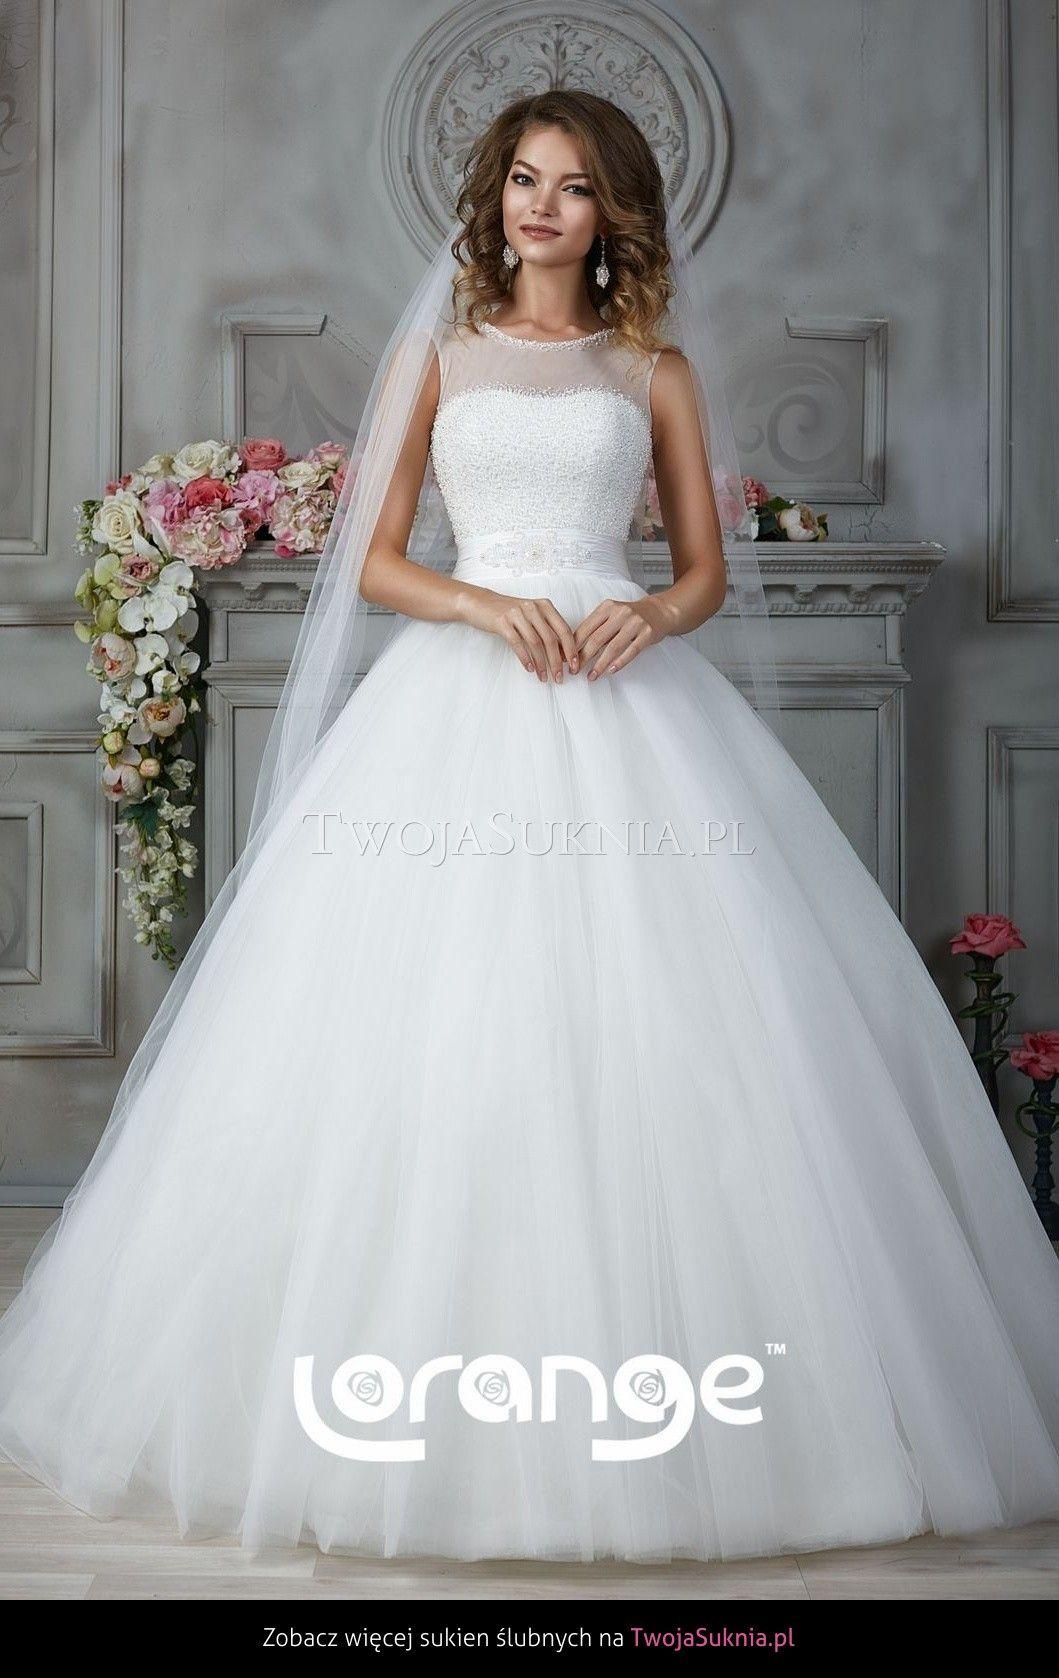 cf4d1a1522 Suknia ślubna Lorange Evita Grace Twojasukniapl Suknie ślubne